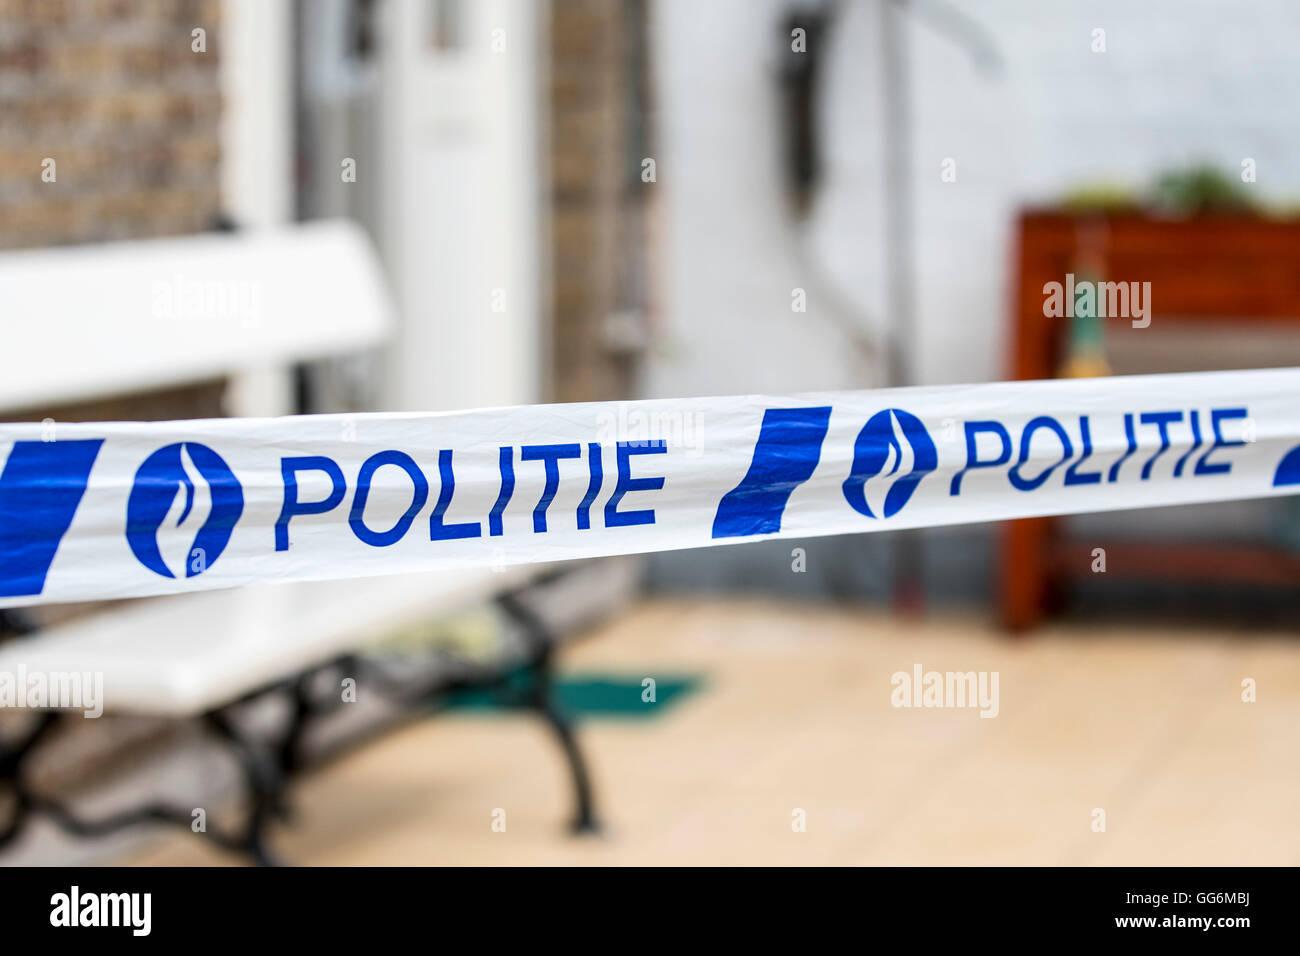 Belgian police / politie tape at crime scene, Belgium - Stock Image